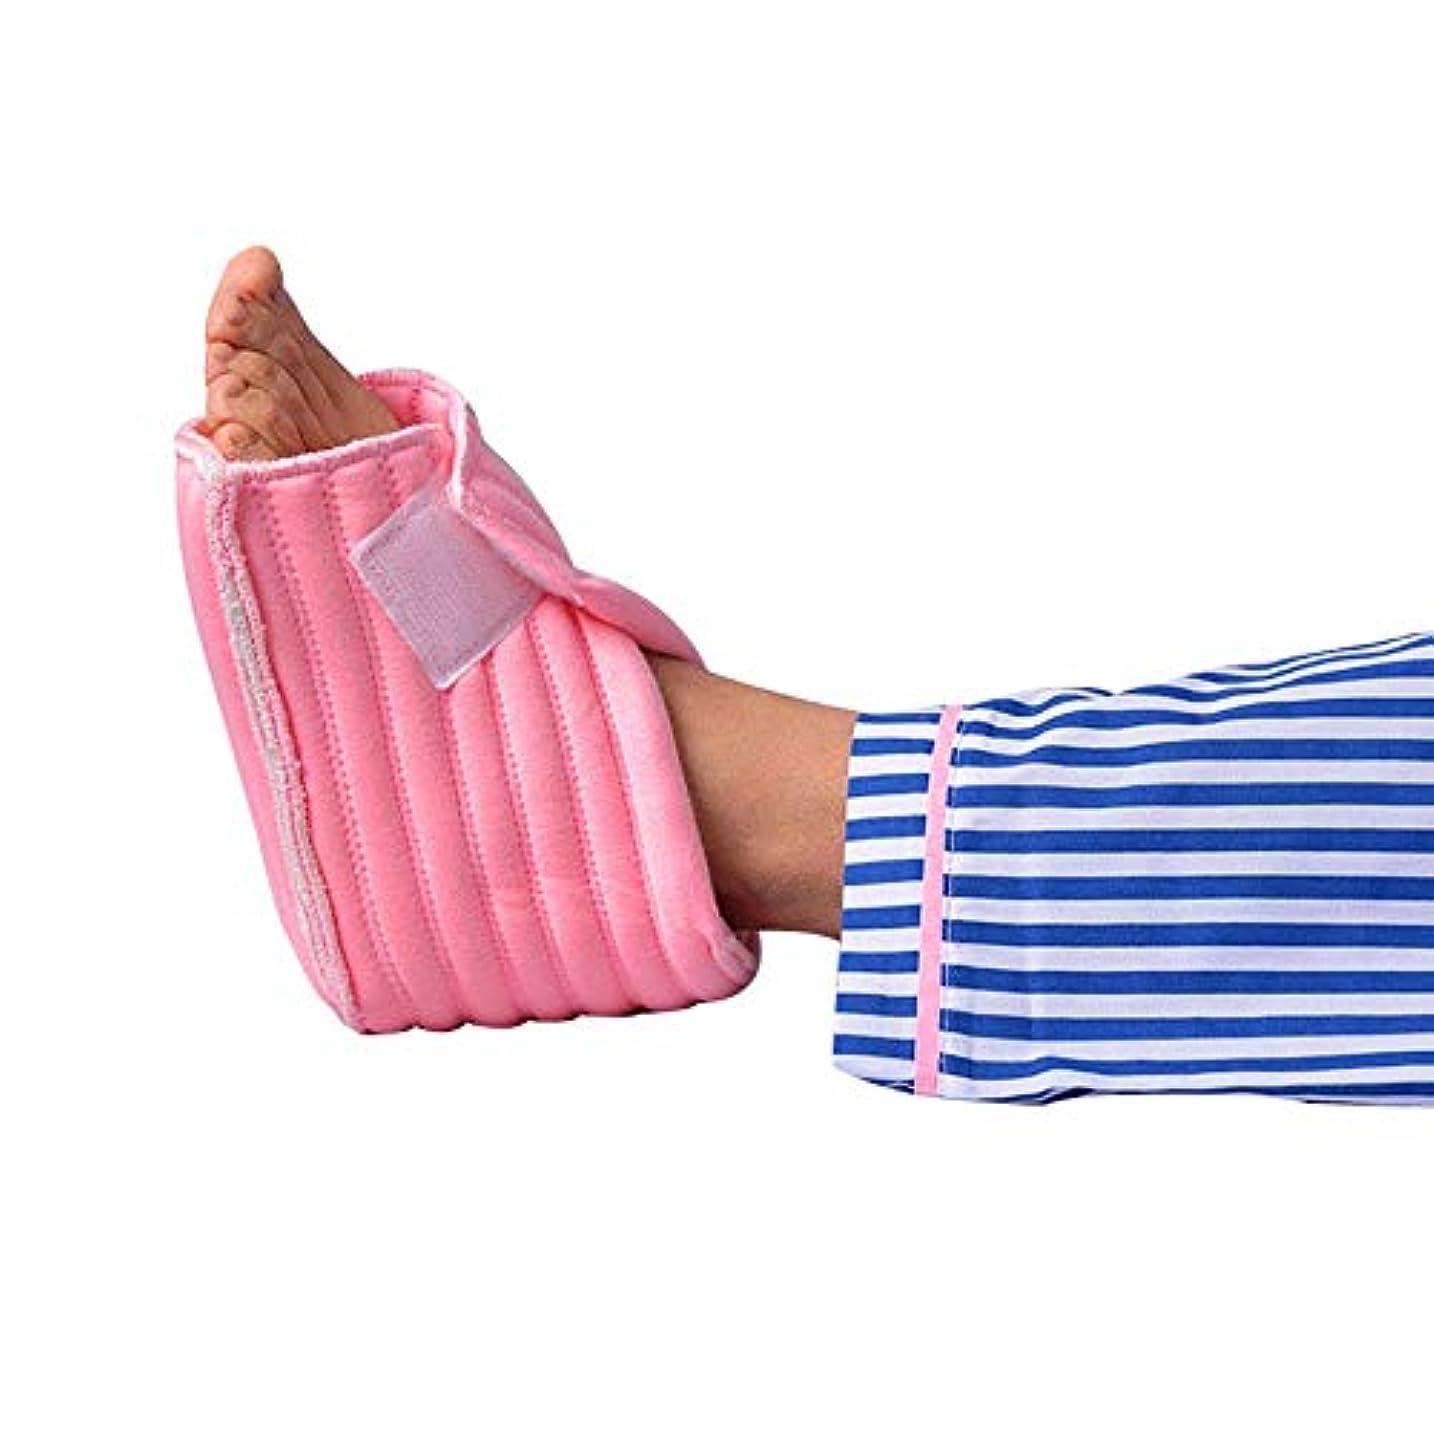 枕宝気になる1ペアヒールプロテクター、Pressure瘡予防のためのフットピローヒールクッションプロテクター、高齢者足補正カバー